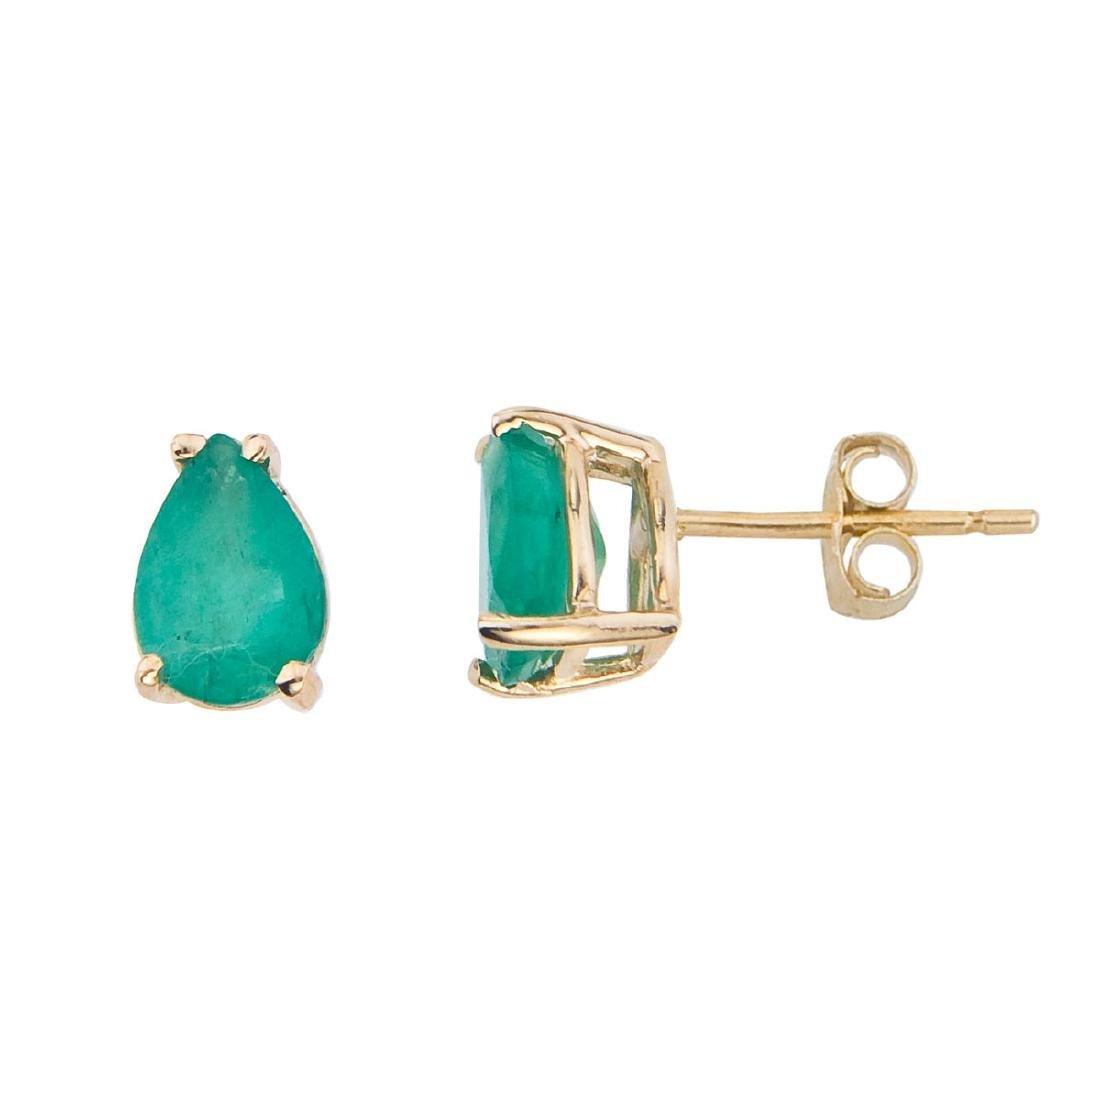 Certified 14k Yellow Gold Pear Shaped Emerald Earrings